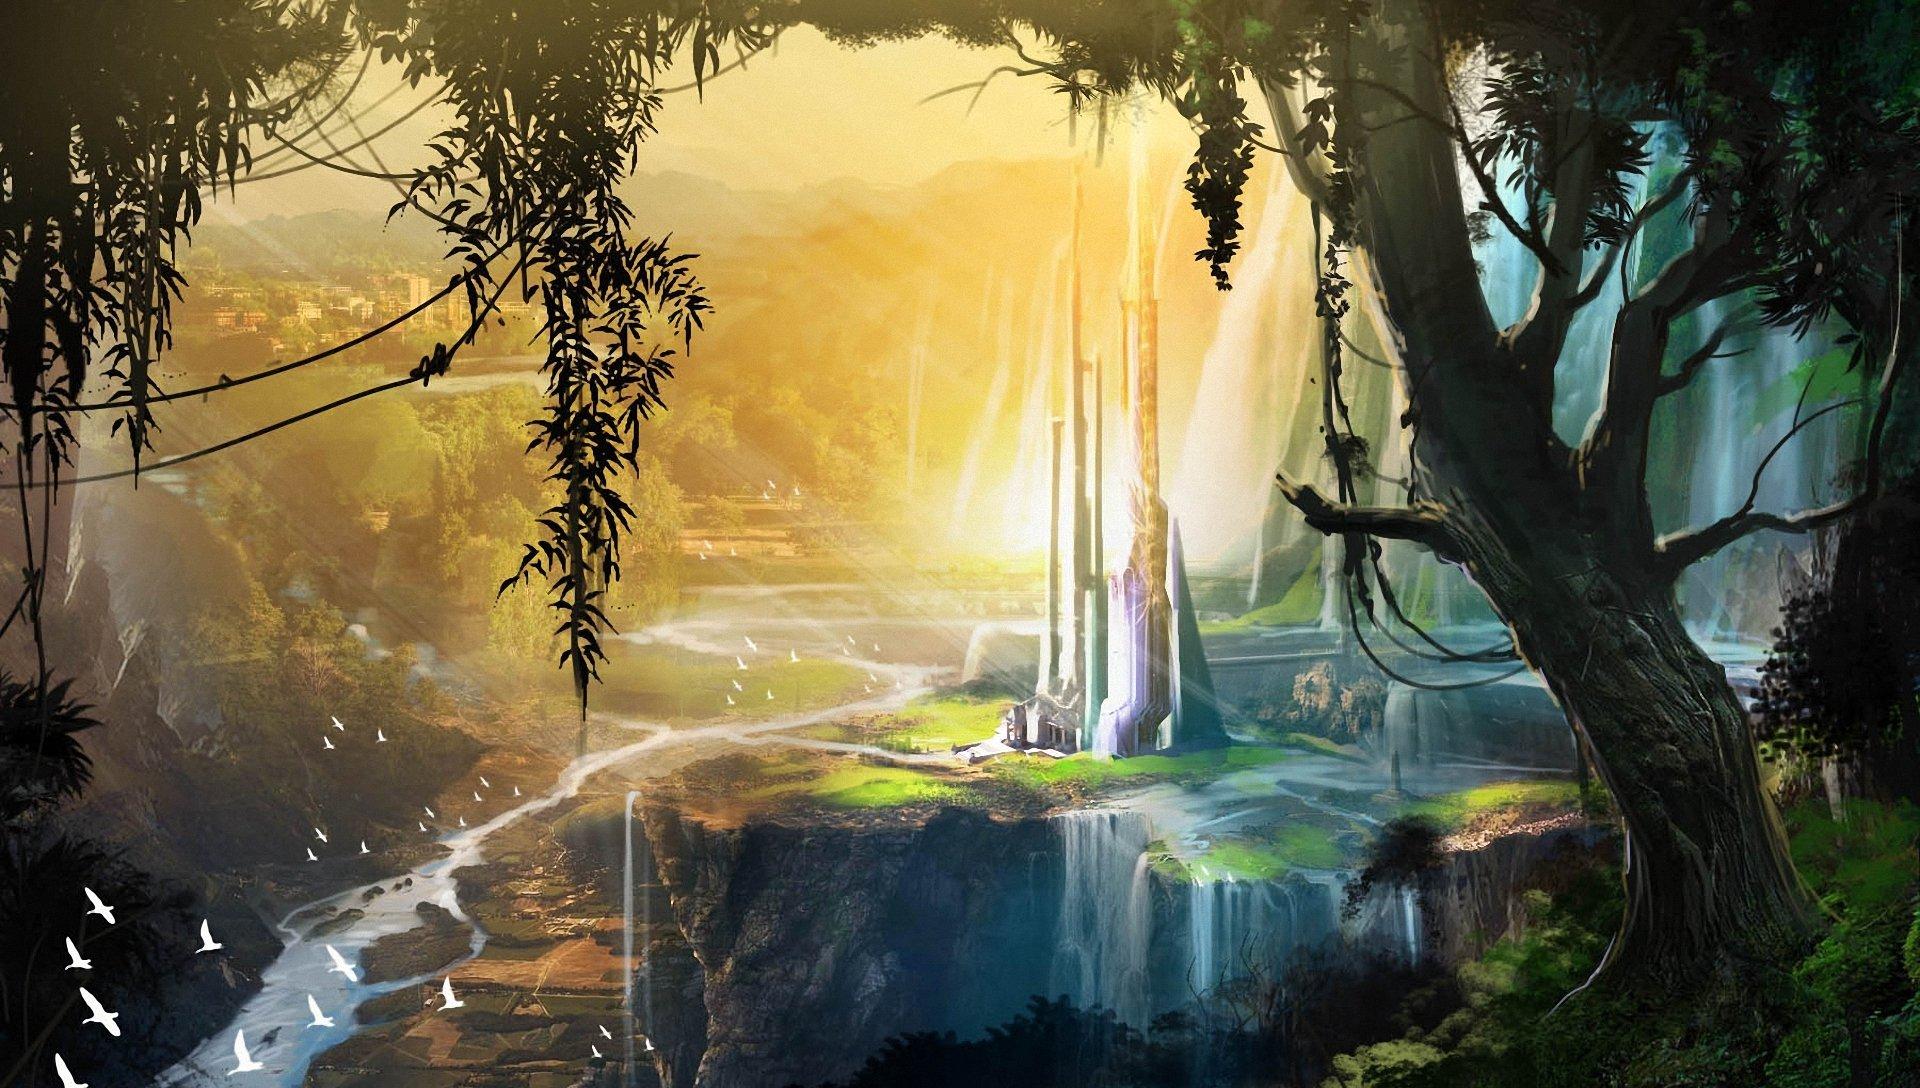 картинка дерево с водопадом что пить